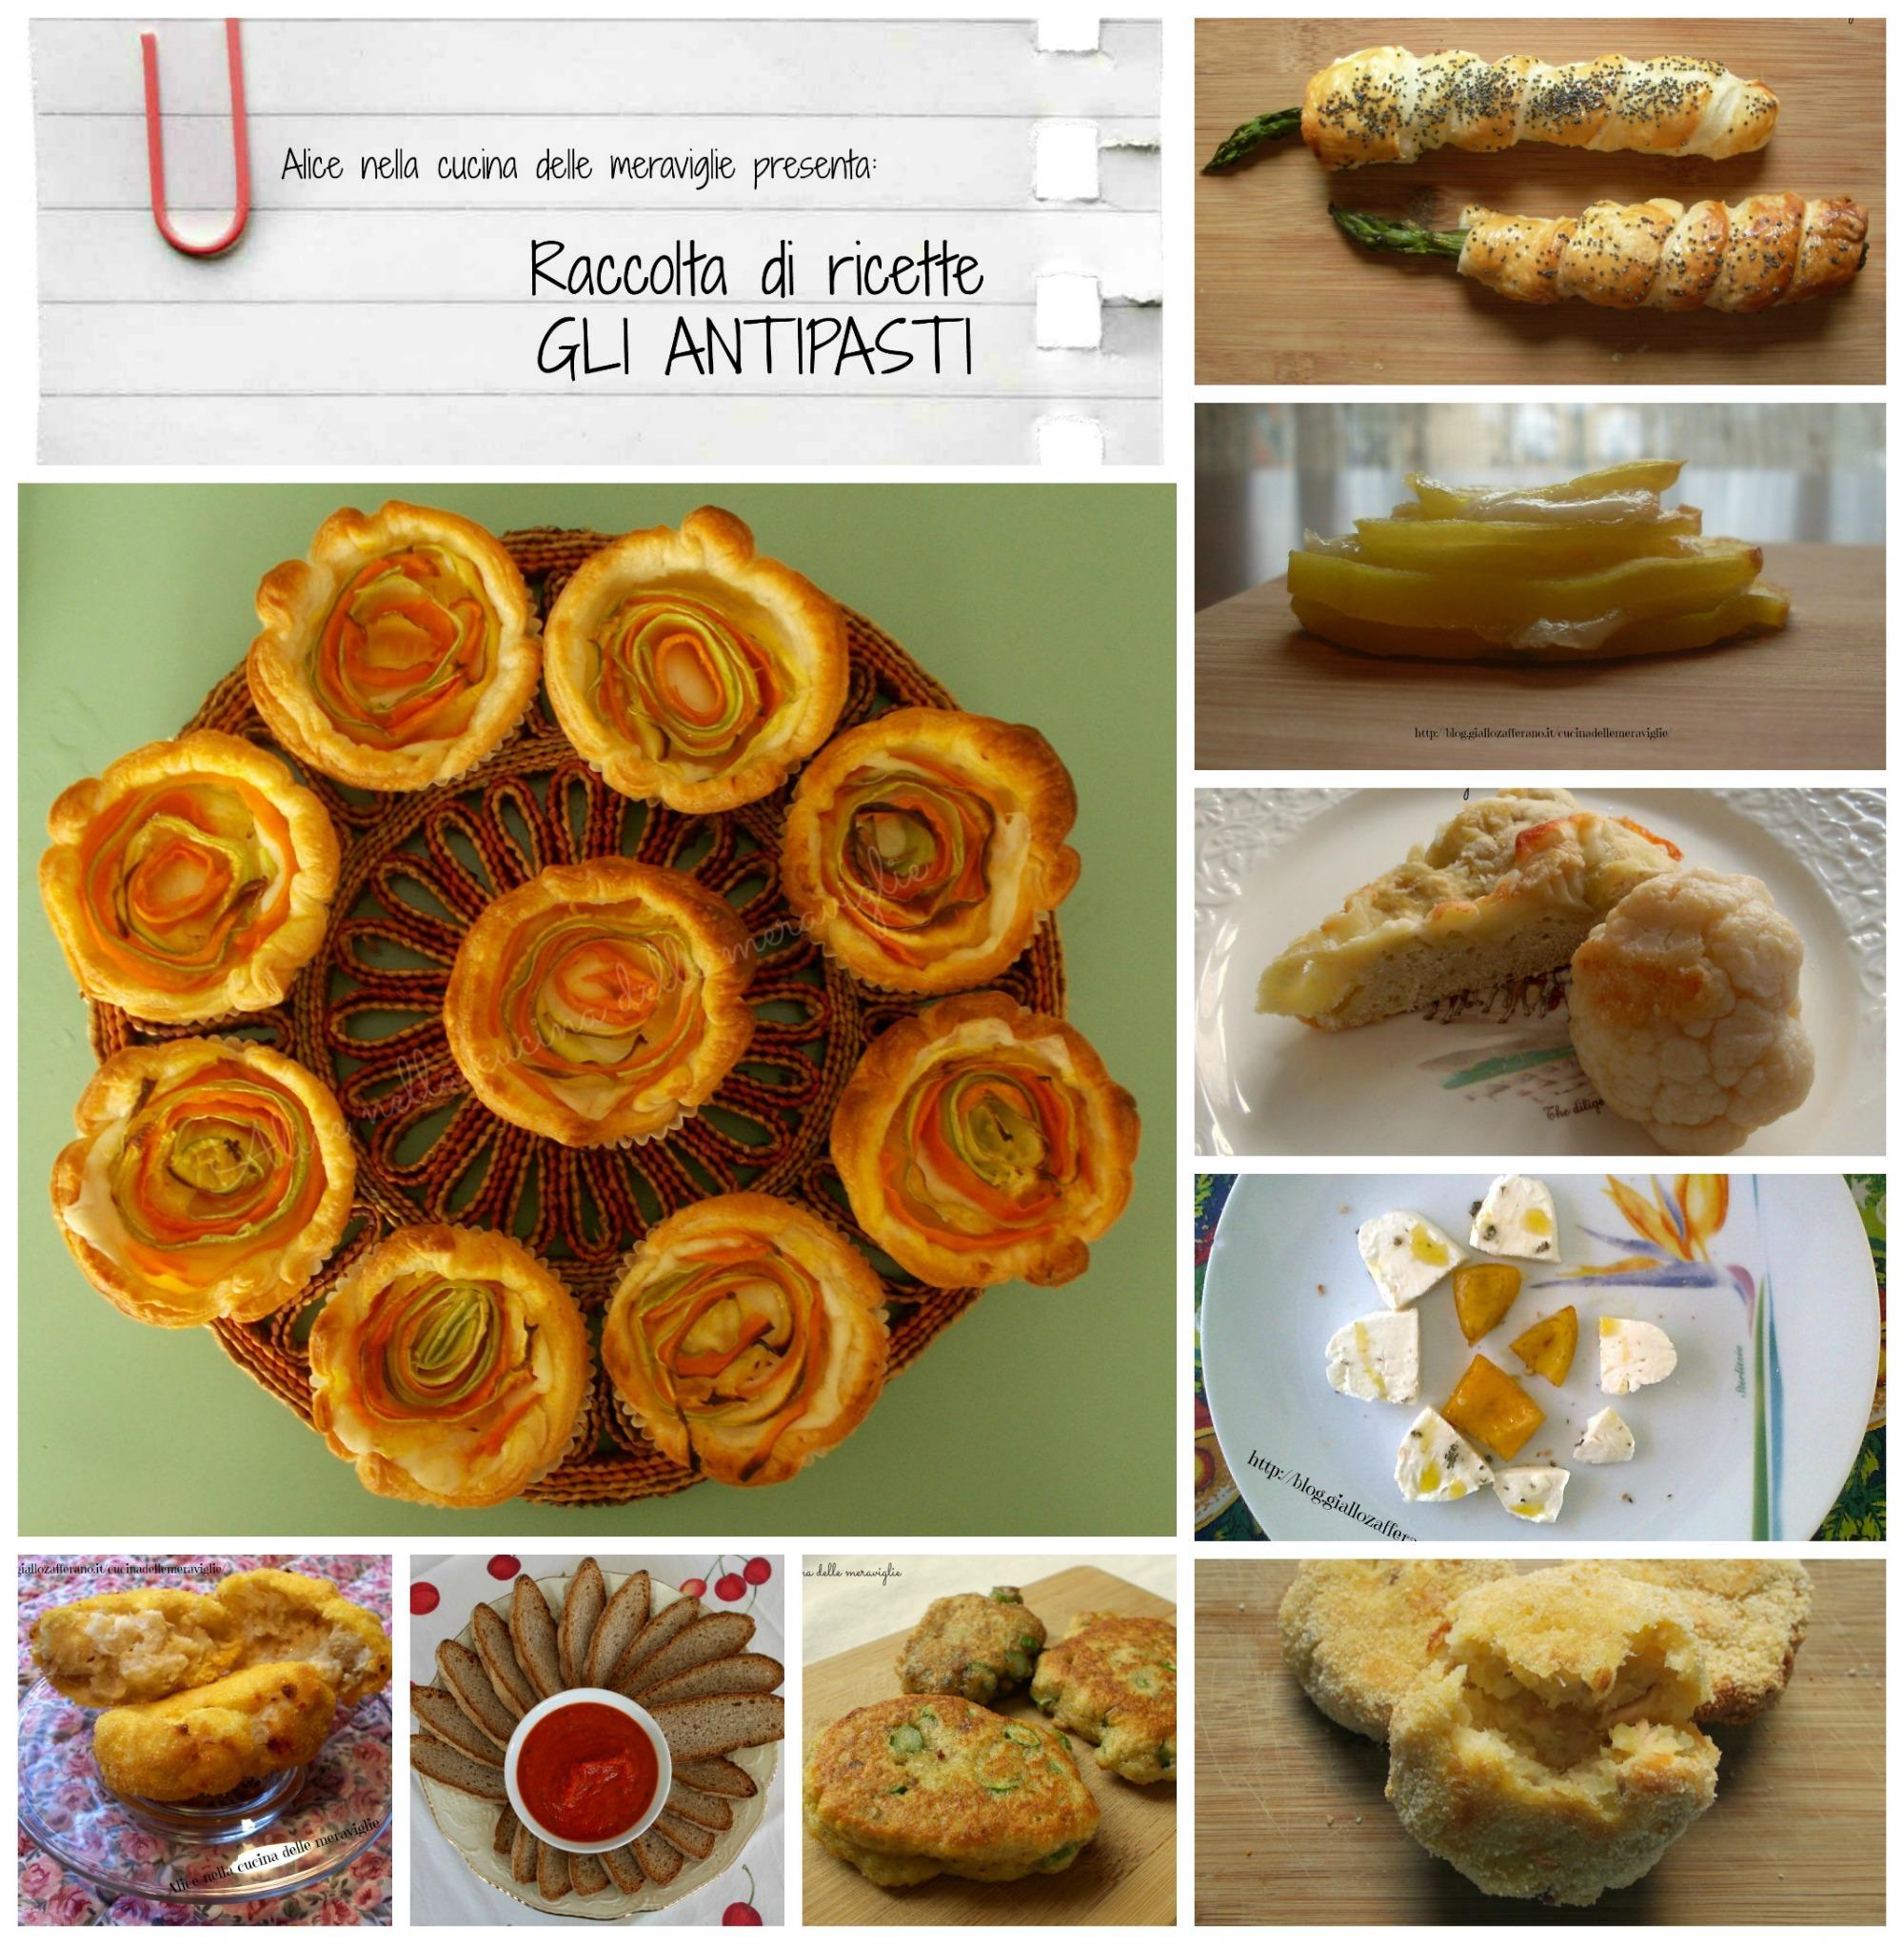 Raccolta di ricette Gli antipasti Alice nella cucina delle meraviglie